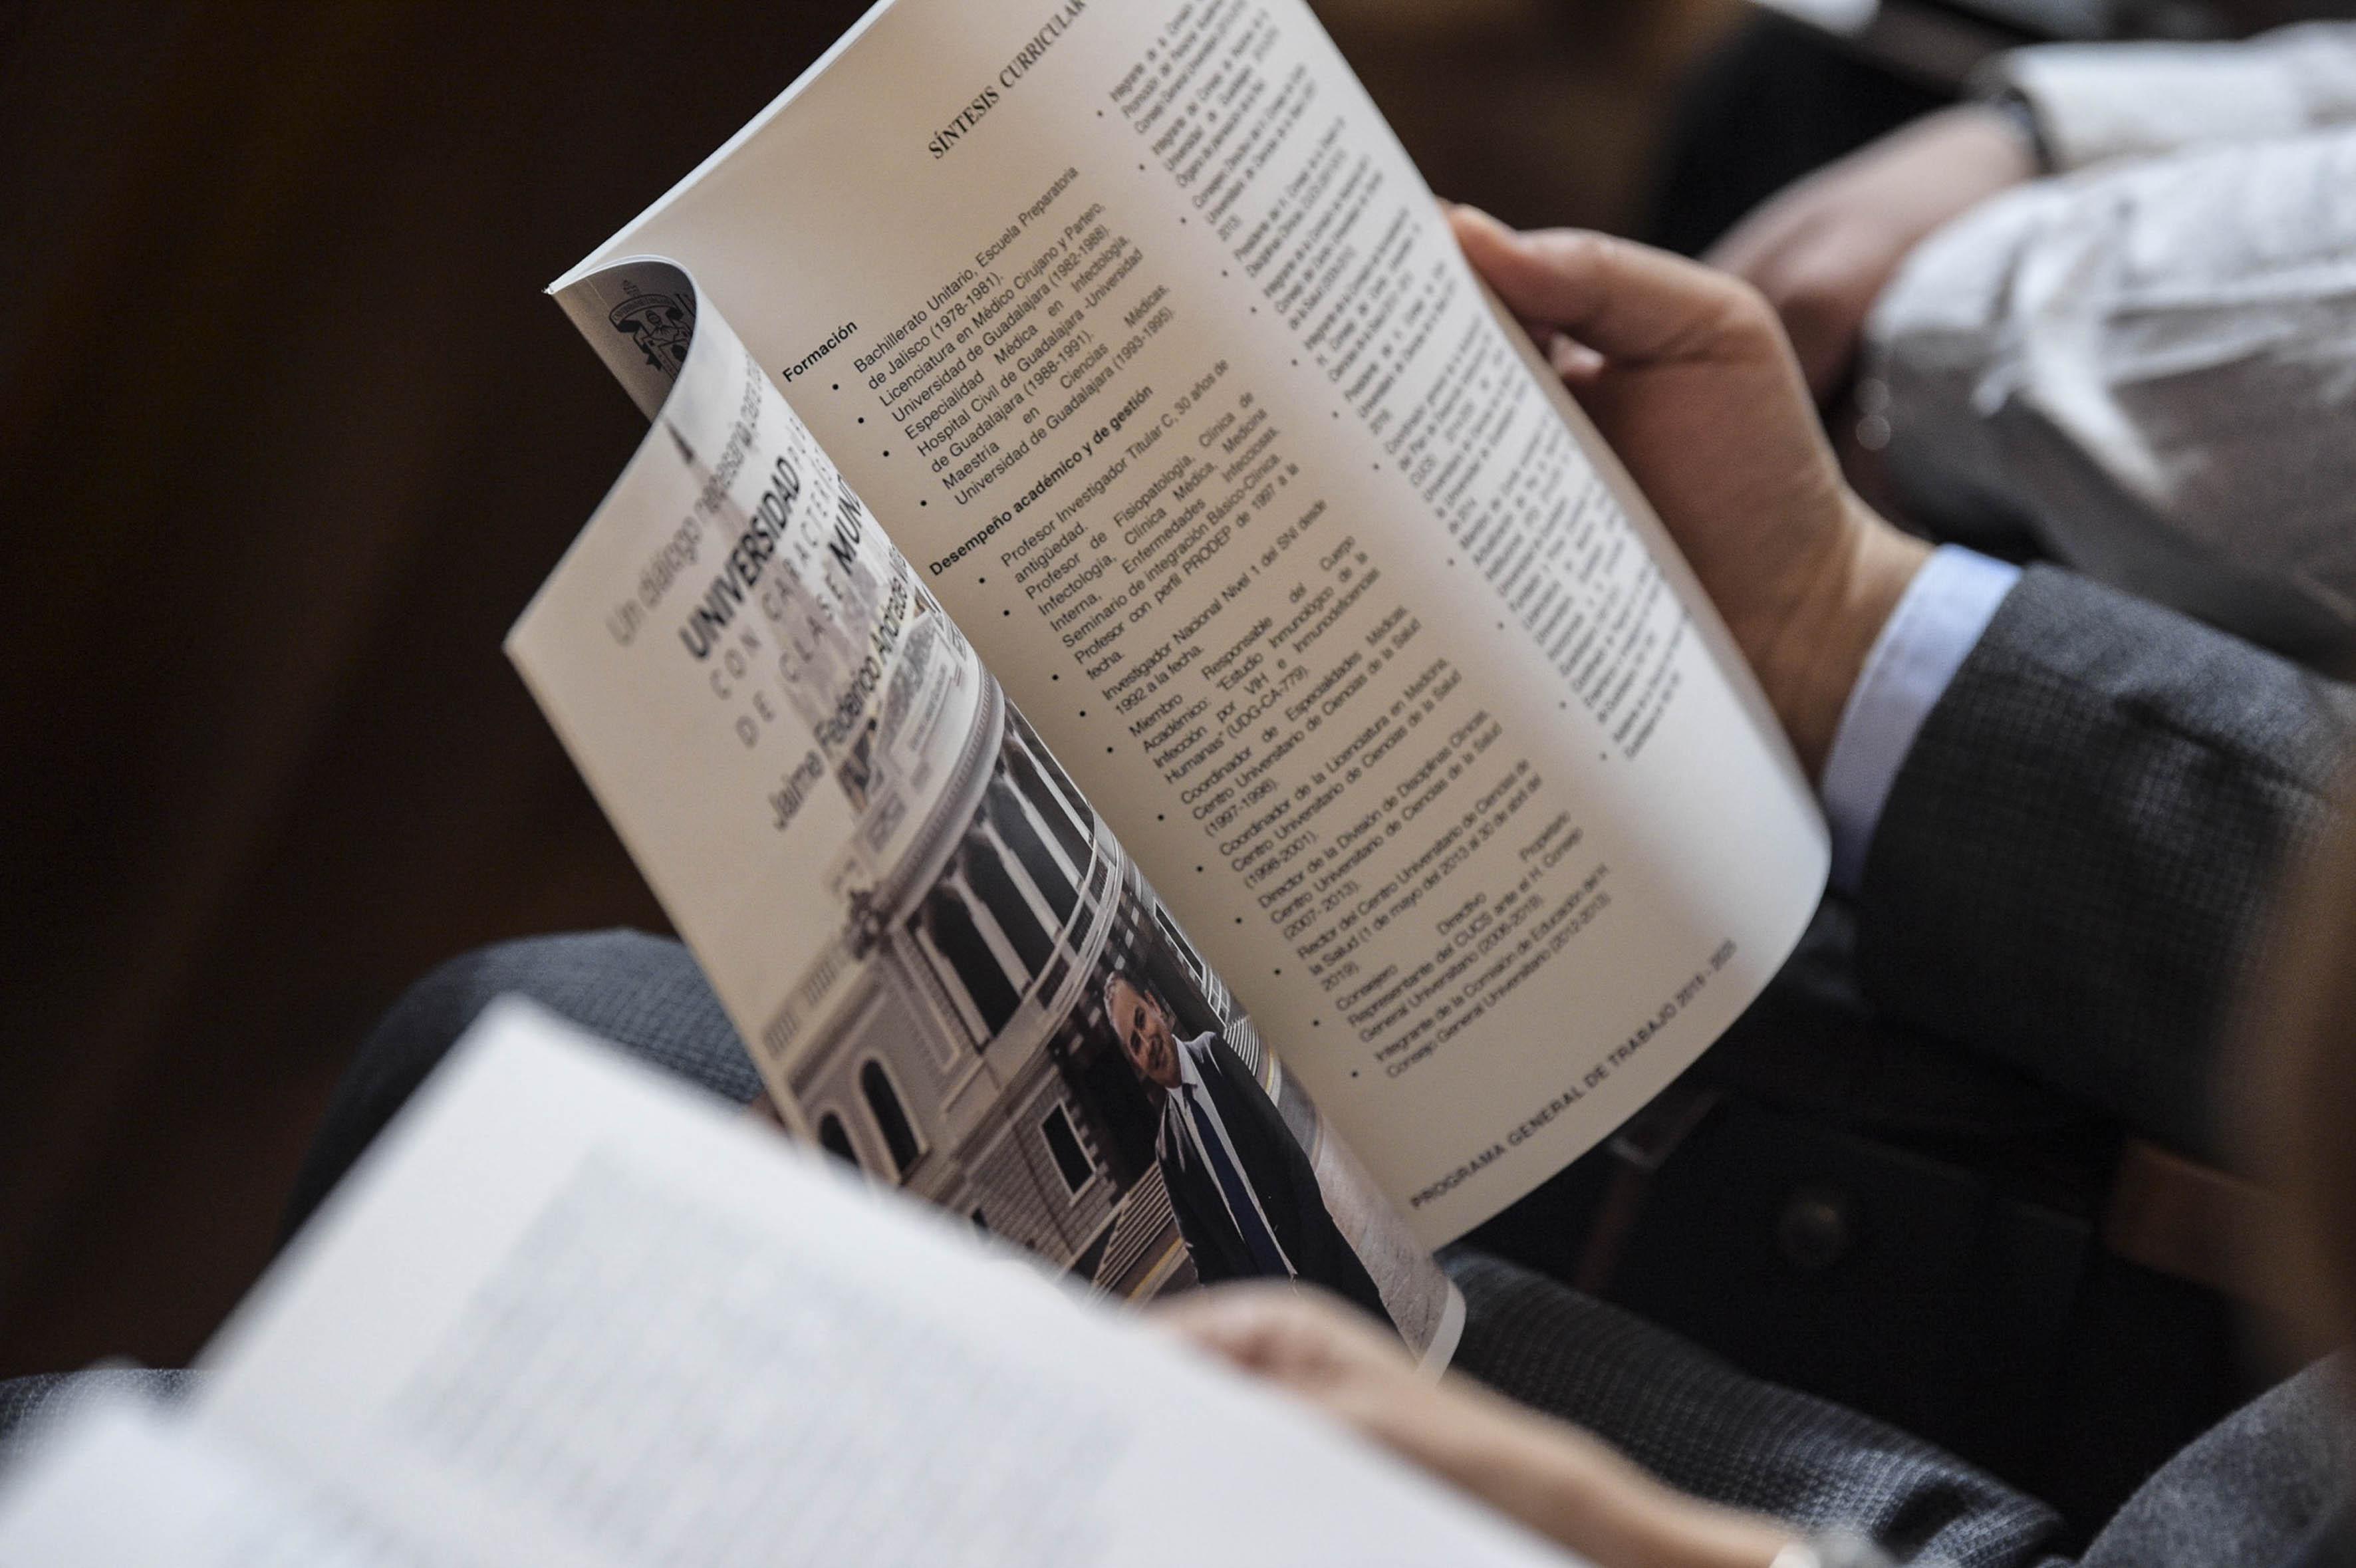 Plan de Trabajo abierto en la página de Síntesis Curricular del Dr. Jaime Andrade en manos de un consejero